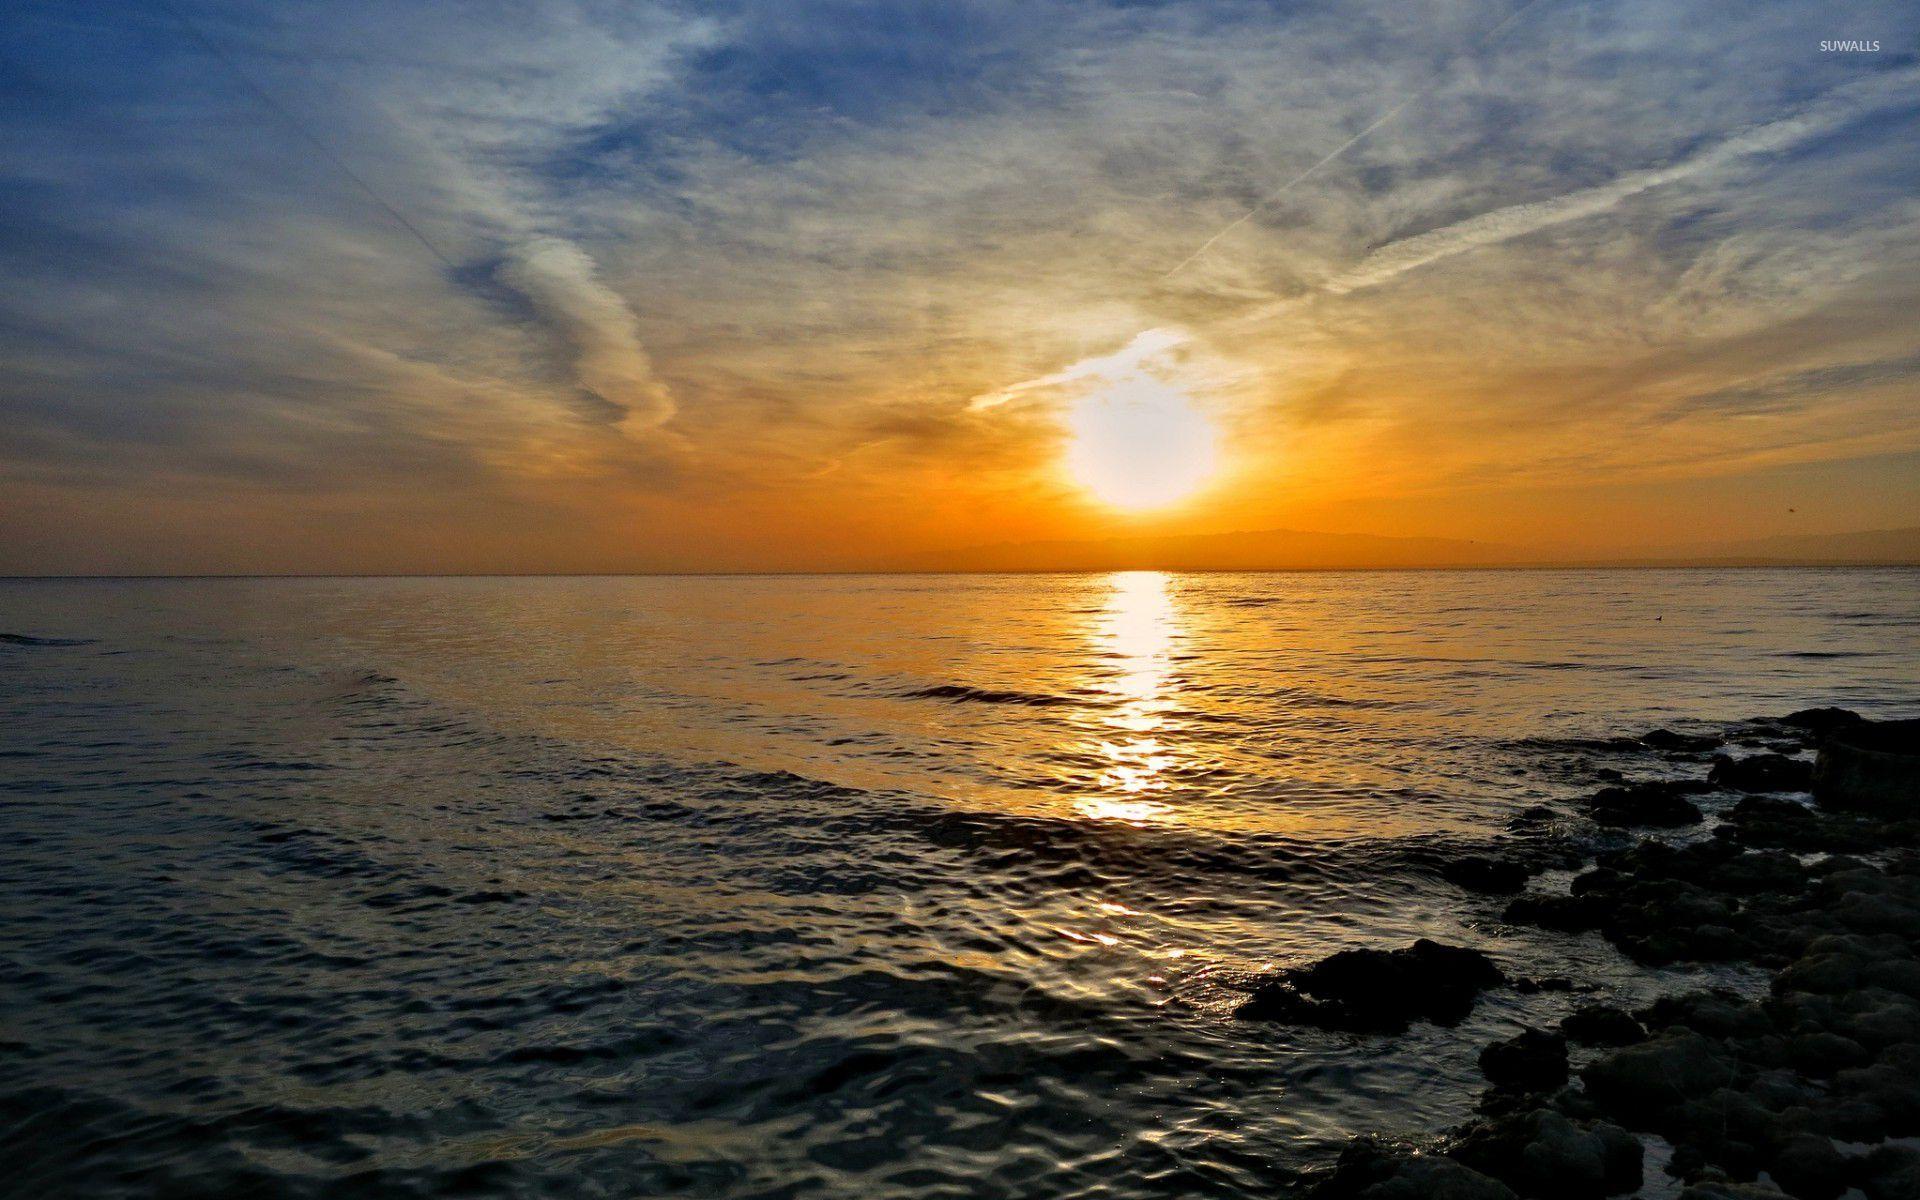 1920x1080 wallpaper amazing sunset - photo #44